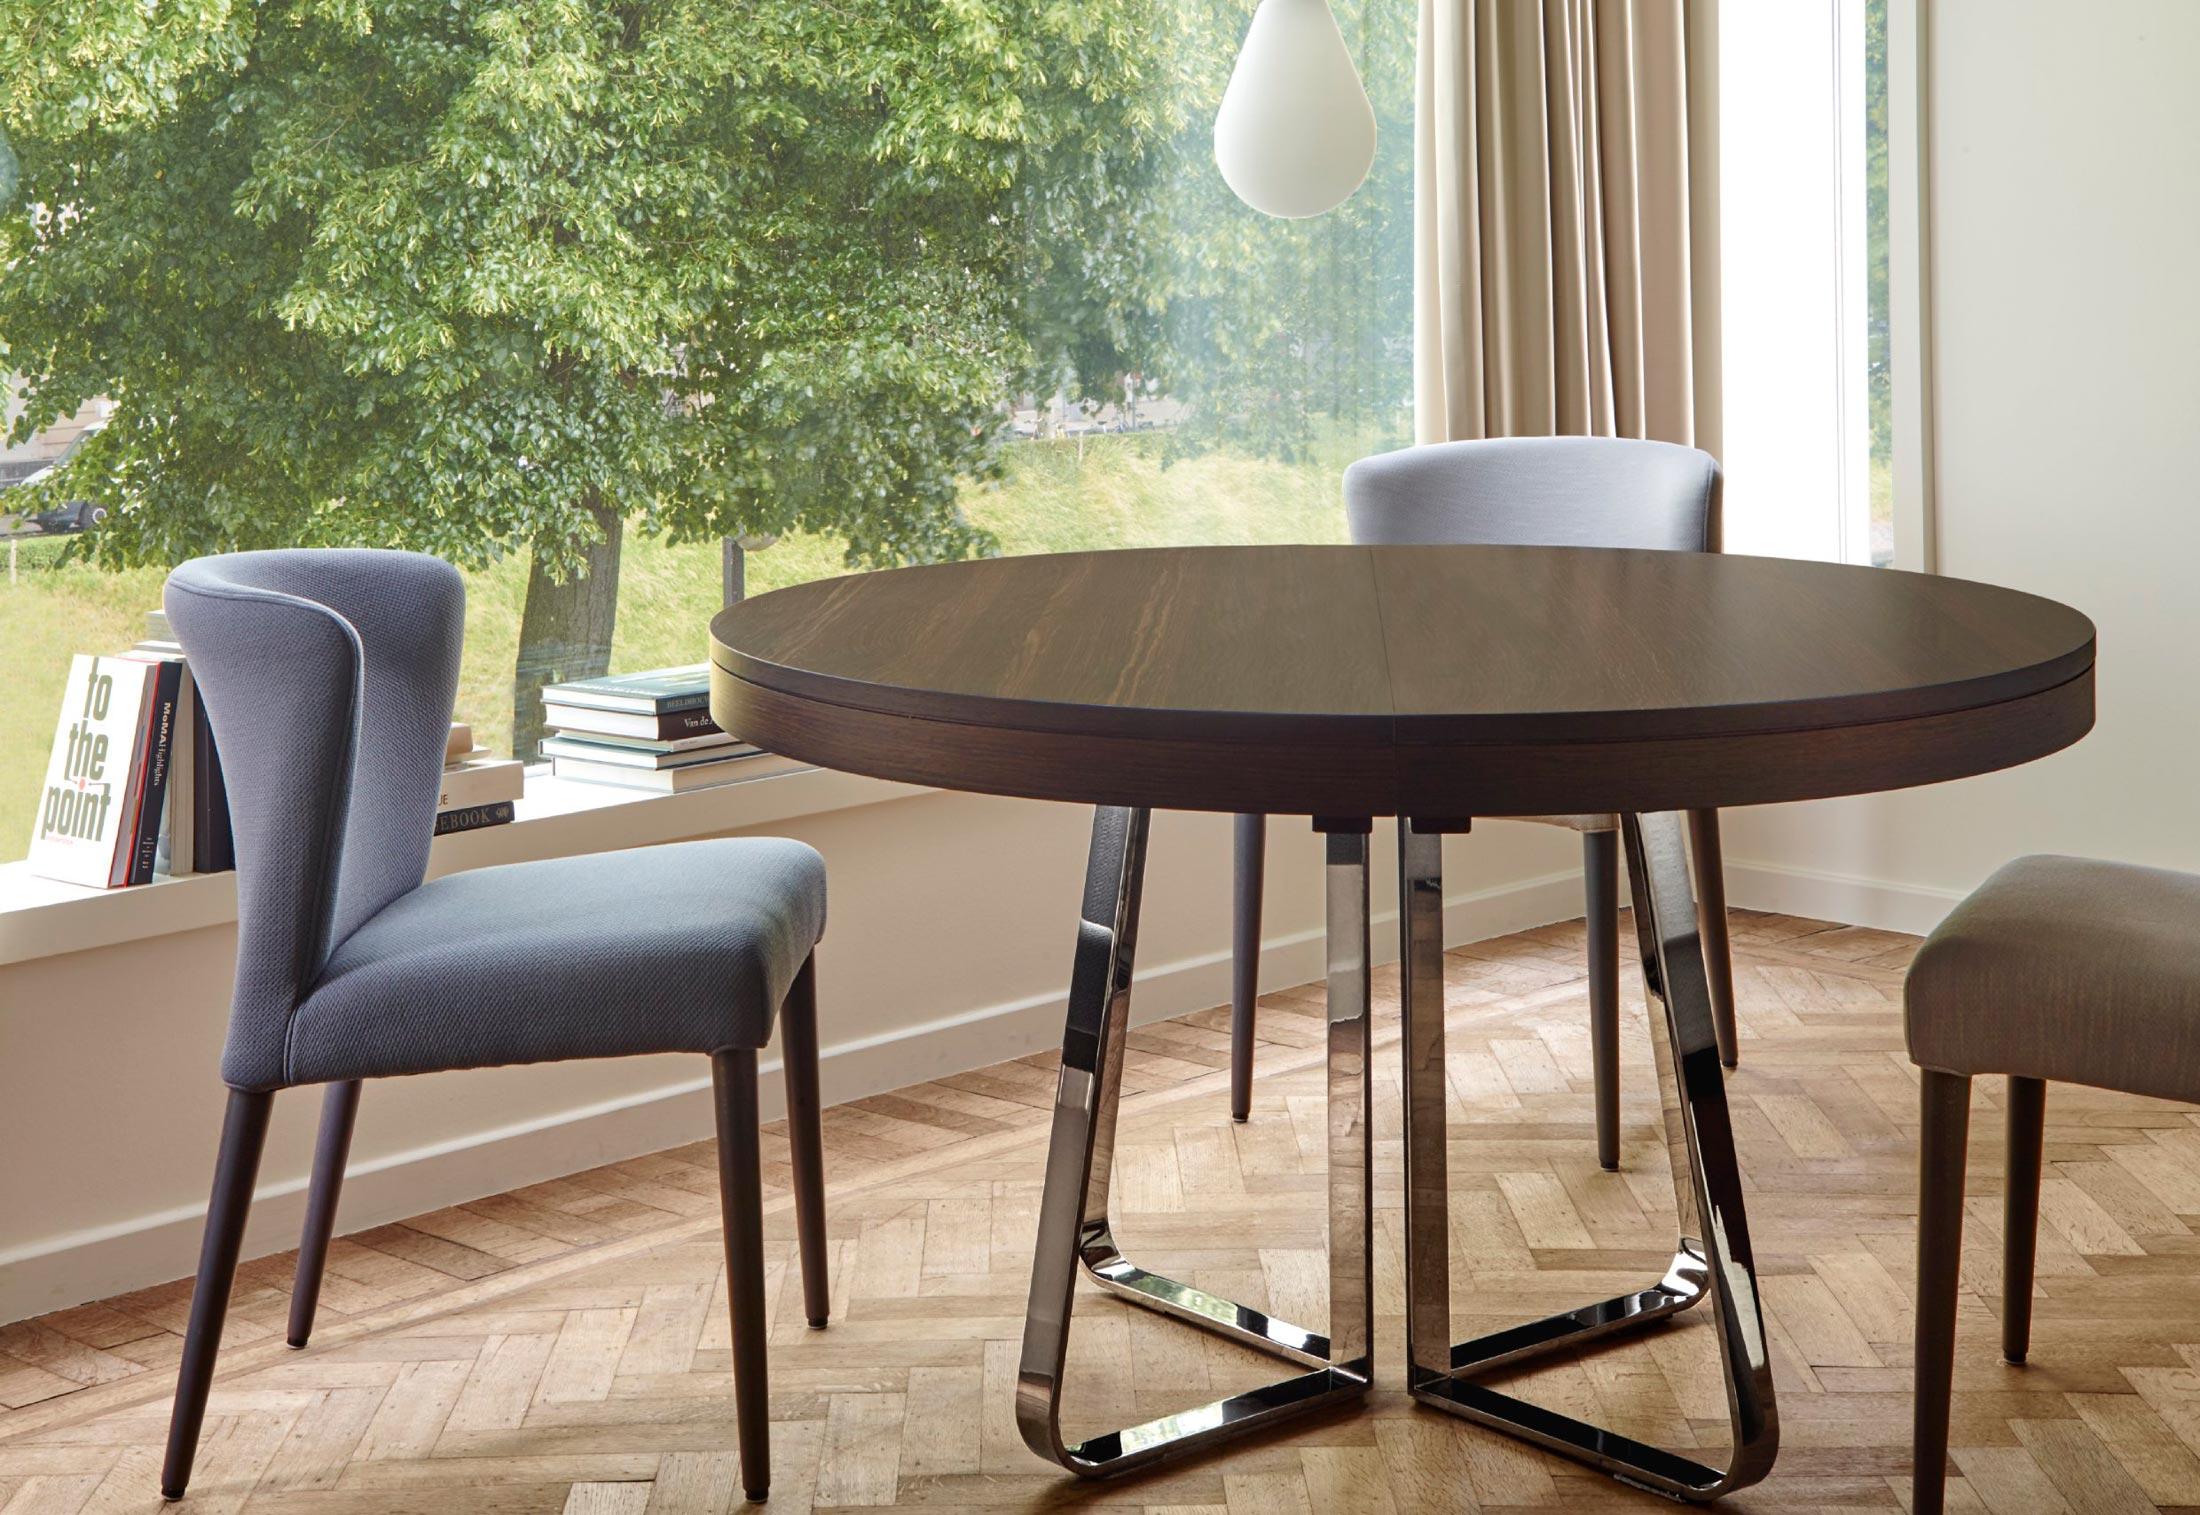 Ava by ligne roset stylepark for Table salle a manger ligne roset